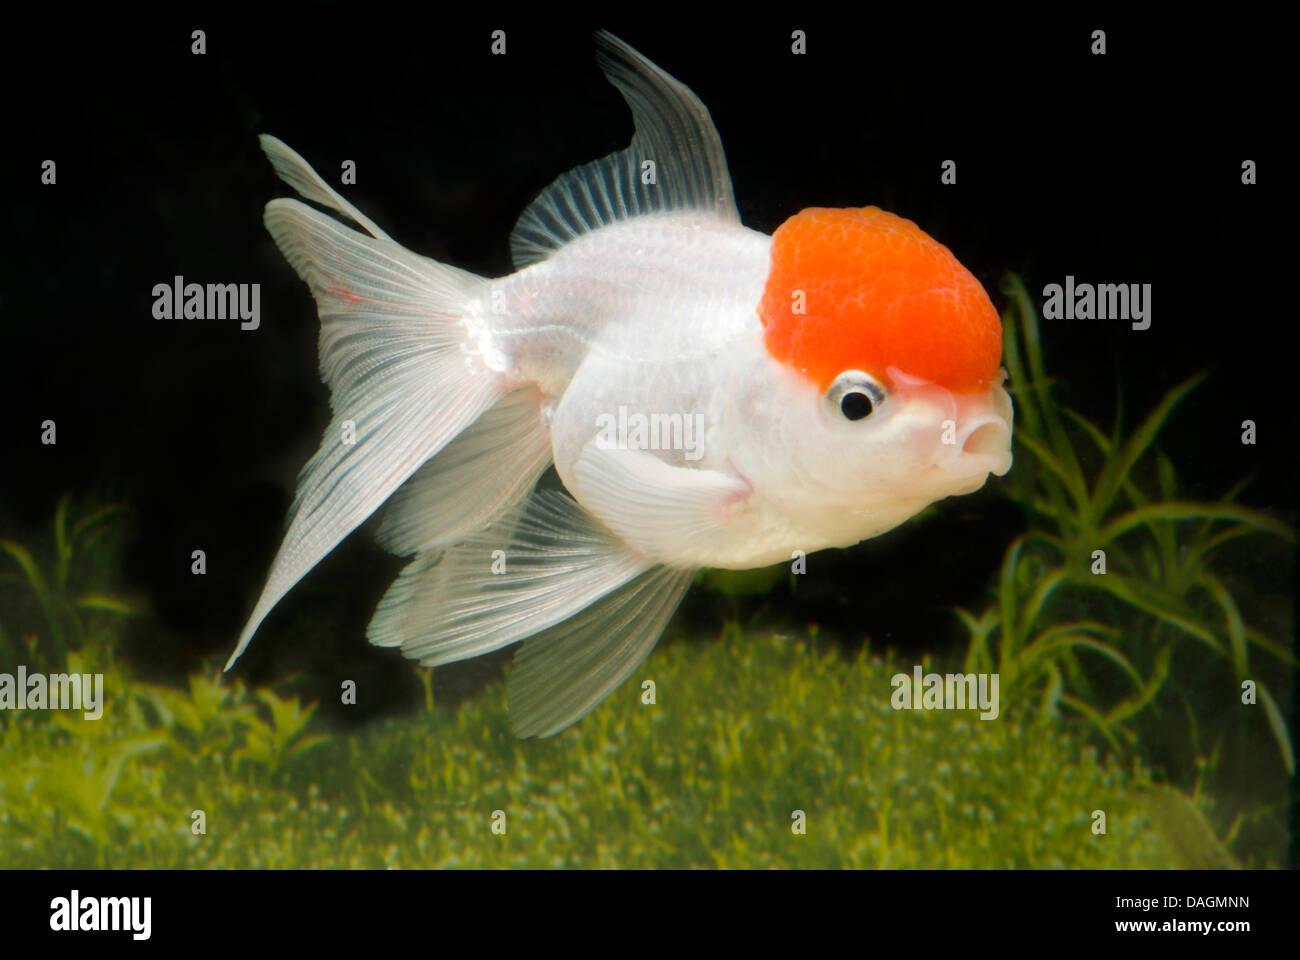 goldfish, common carp (Carassius auratus), lionhead-Rotkaeppchen Stock Photo